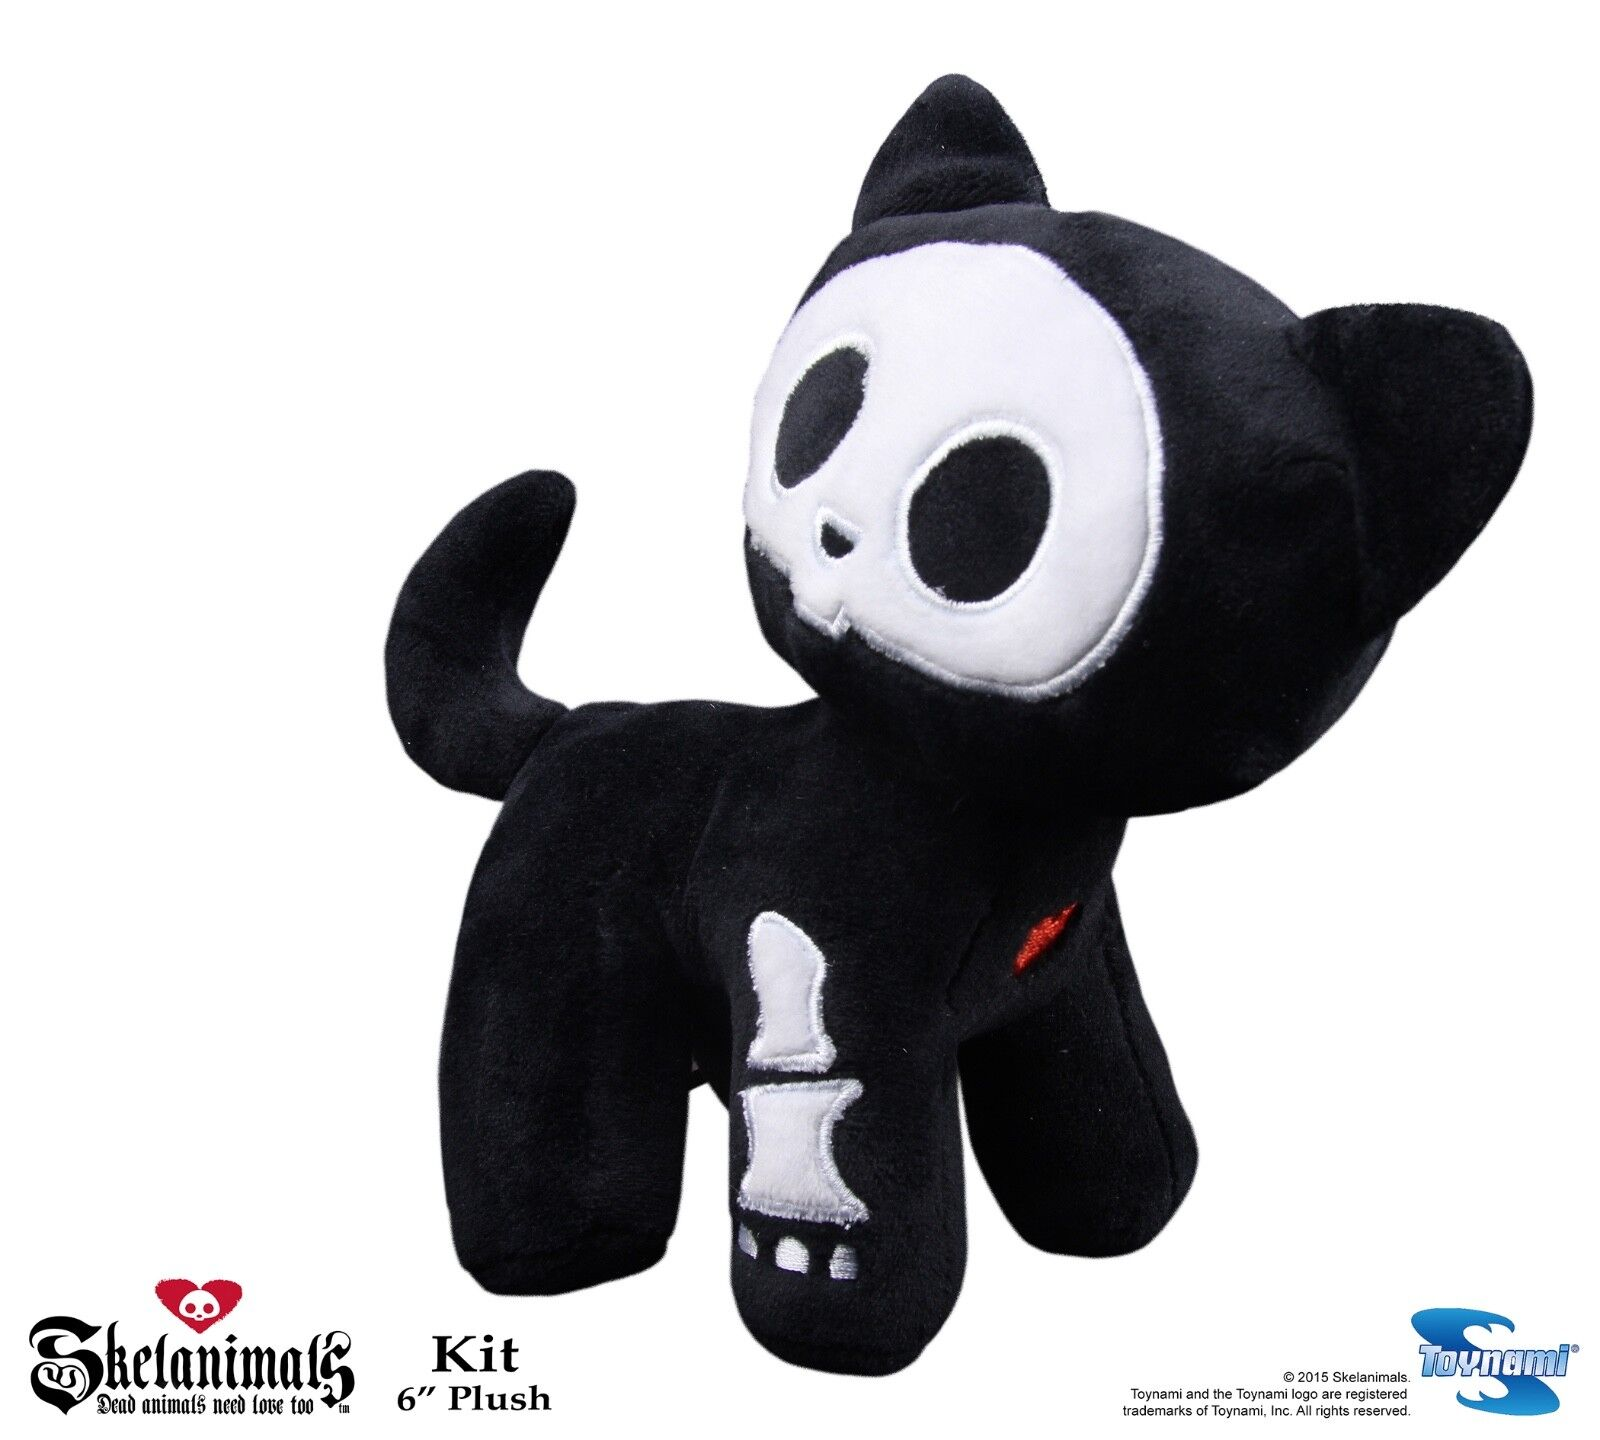 Kit Houndstooth New Toys Doll Licensed skel-lf-07 Skelanimals Wallet